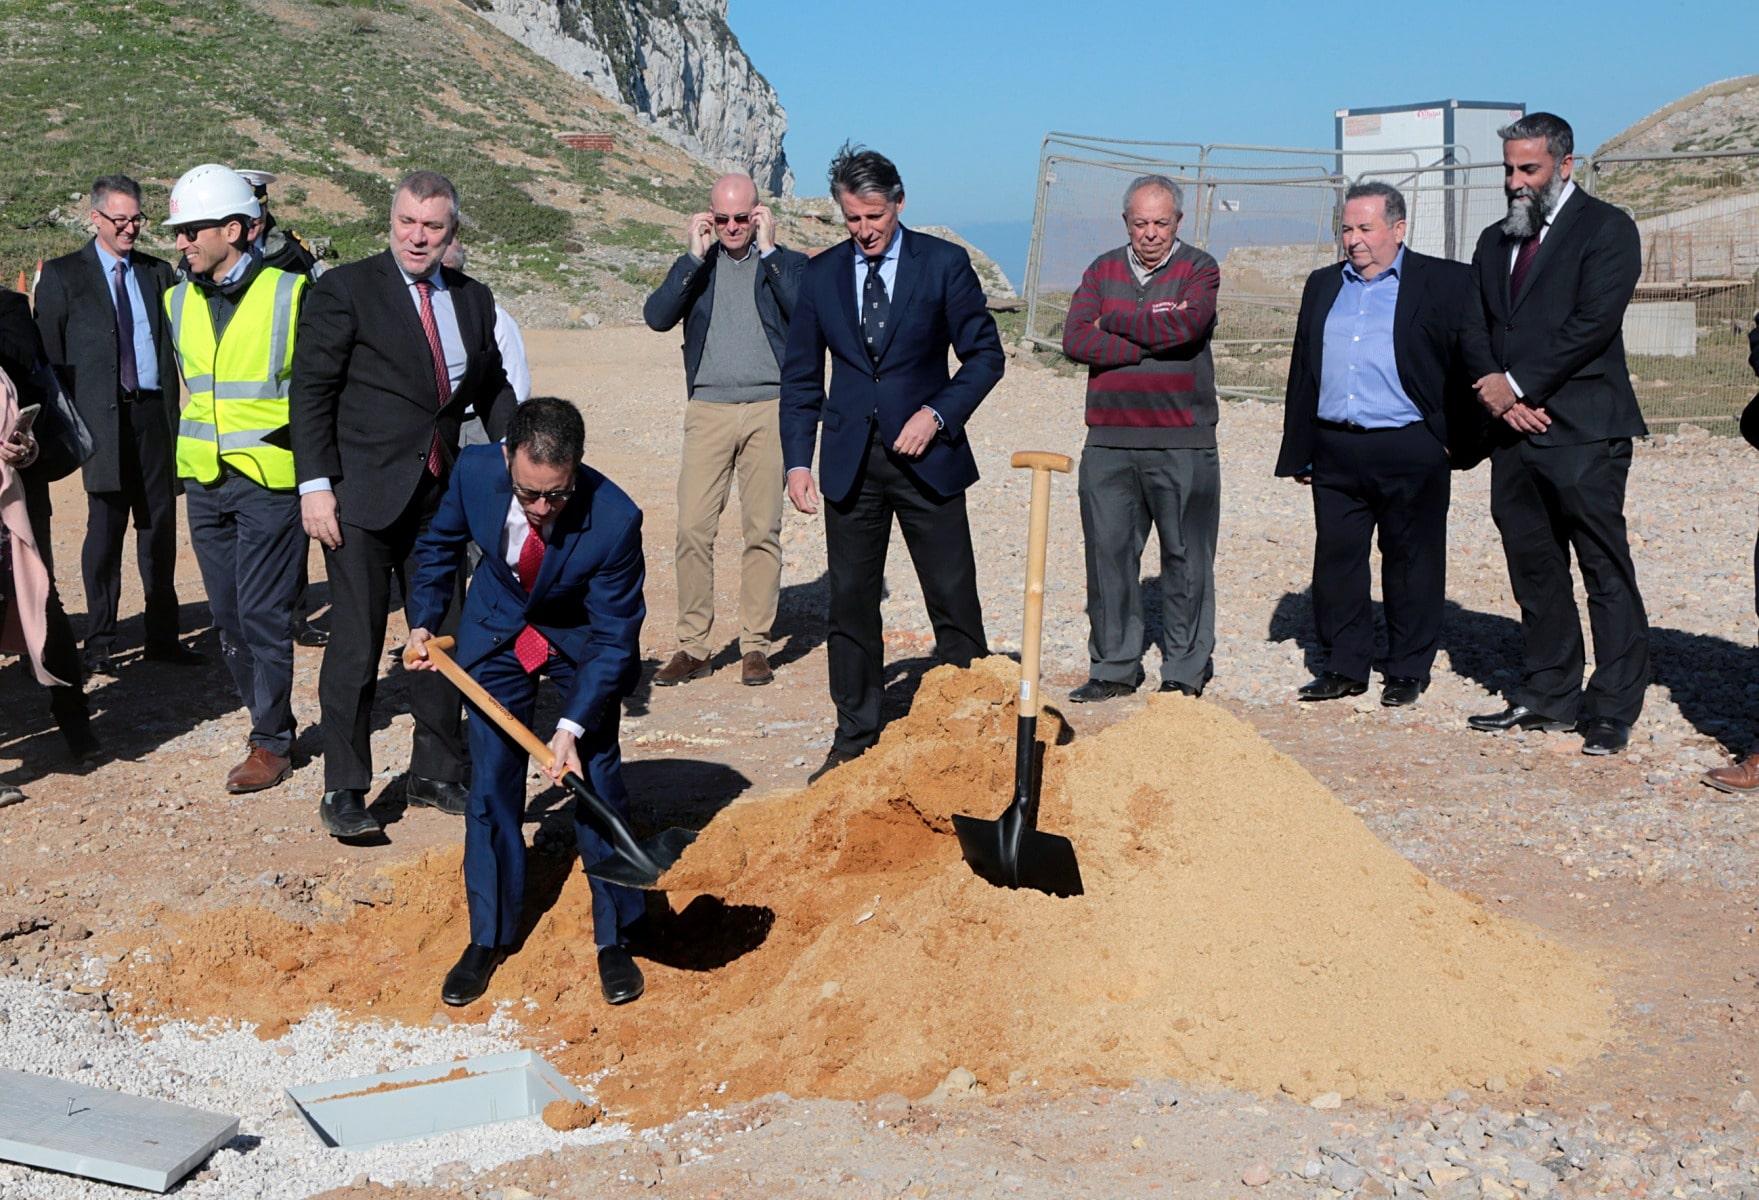 sebastian-coe-en-gibraltar_39843225002_o